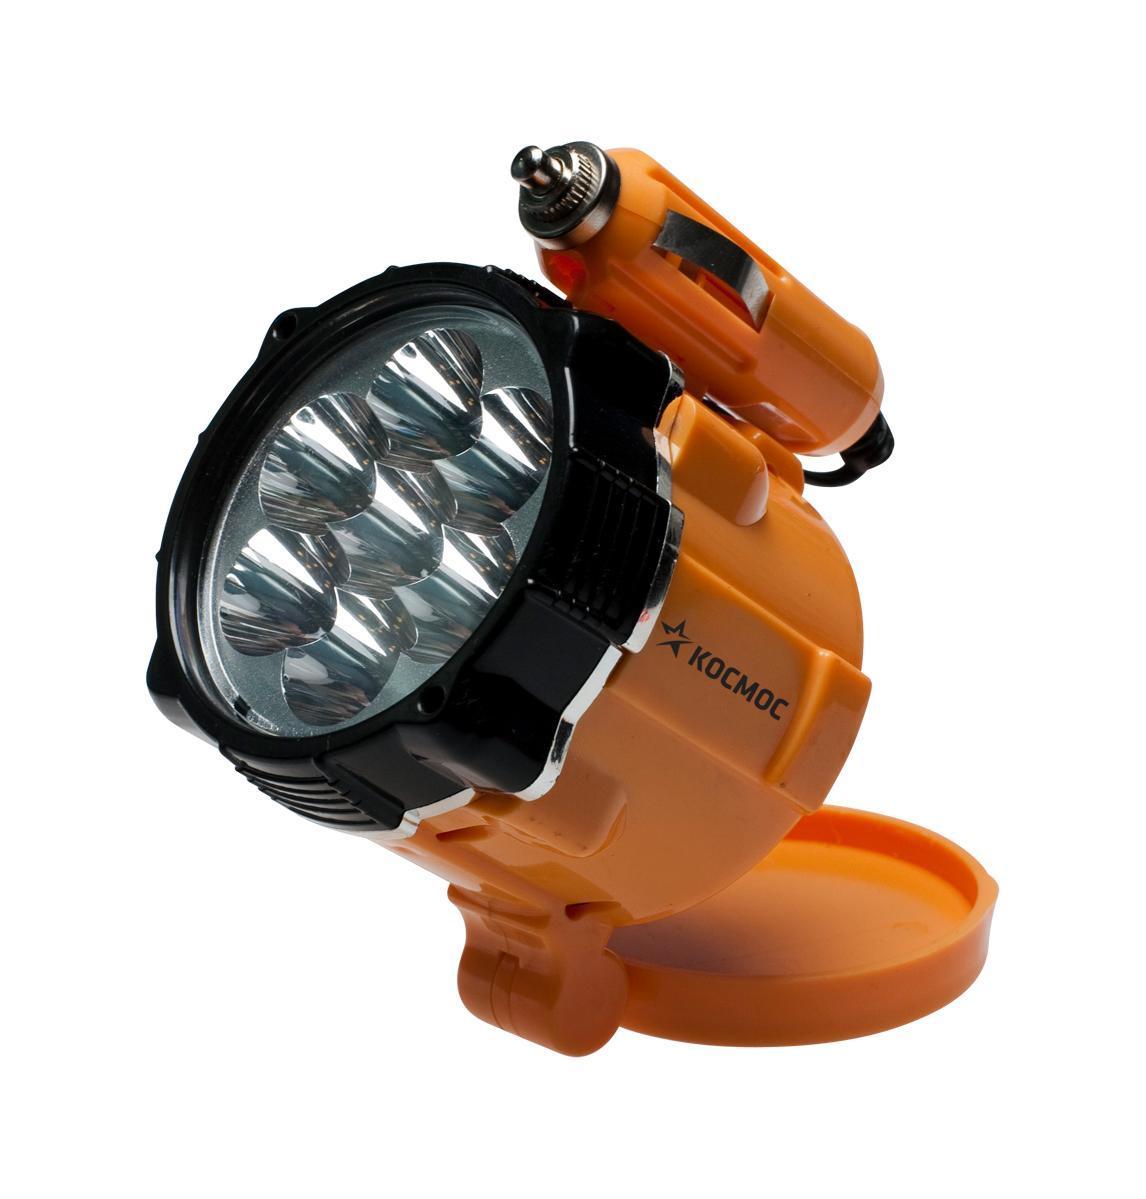 Фонарь-переноска Космос светодиодный, на магните. КОСAu6001LEDKOCAu6001LEDФонарь-переноска KOCAu6001LED особенно удобен для использования автолюбителями и в путешествиях. Длина свечения - 1 метр. Источниками света выступают 7 светодиодных ламп. Питается от бортовой сети автомобиля. Время работы - 3 часа. Характеристики: Материал: пластик, стекло, металл, магнит. Размер фонаря: 6,5 см х 9 см х 7,5 см. Тип лампочки: LED. Количество лампочек: 7 шт. Производитель: Россия. Изготовитель: Китай. Артикул: КОСAu6001LED. Космос - российский бренд электротоваров, созданный, чтобы обеспечить отечественного покупателя качественной энергосберегающей и энергоэффективной продукцией в категориях: Лампы, светильники Сезонные электротовары Элементы питания, фонари Электроустановочные изделия. Лучшие заводы шести стран мира: Россия, Украина, Белоруссия, Китай, Корея, Япония производят товары Космос на базе современных технологий.